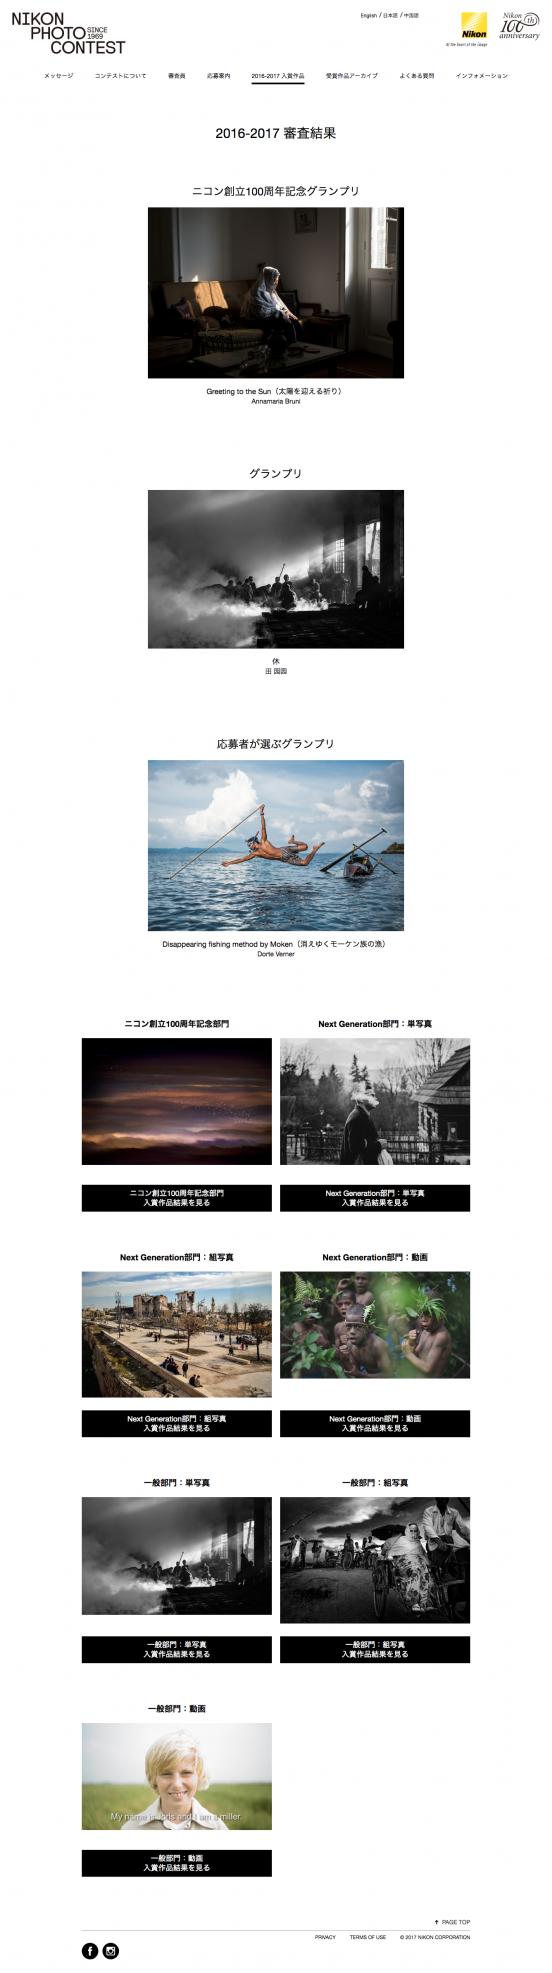 NIKON PHOTO CONTEST / 受賞ページ_3